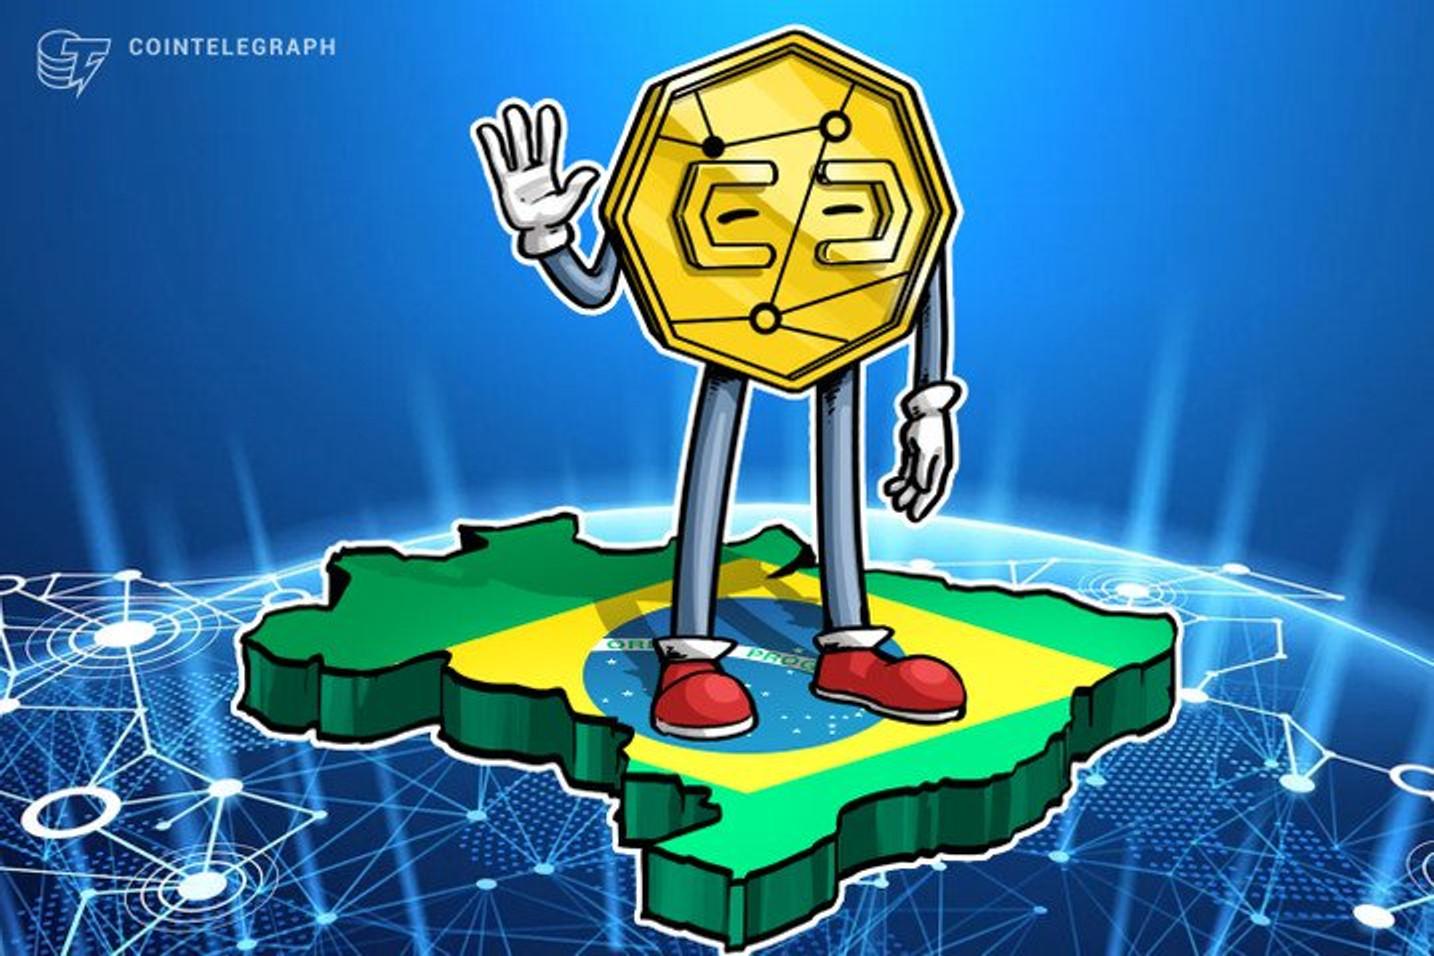 Com R$ 110 milhões negociados em maio, BitcoinTrade projeta R$ 1,8 bilhão até o fim de 2020